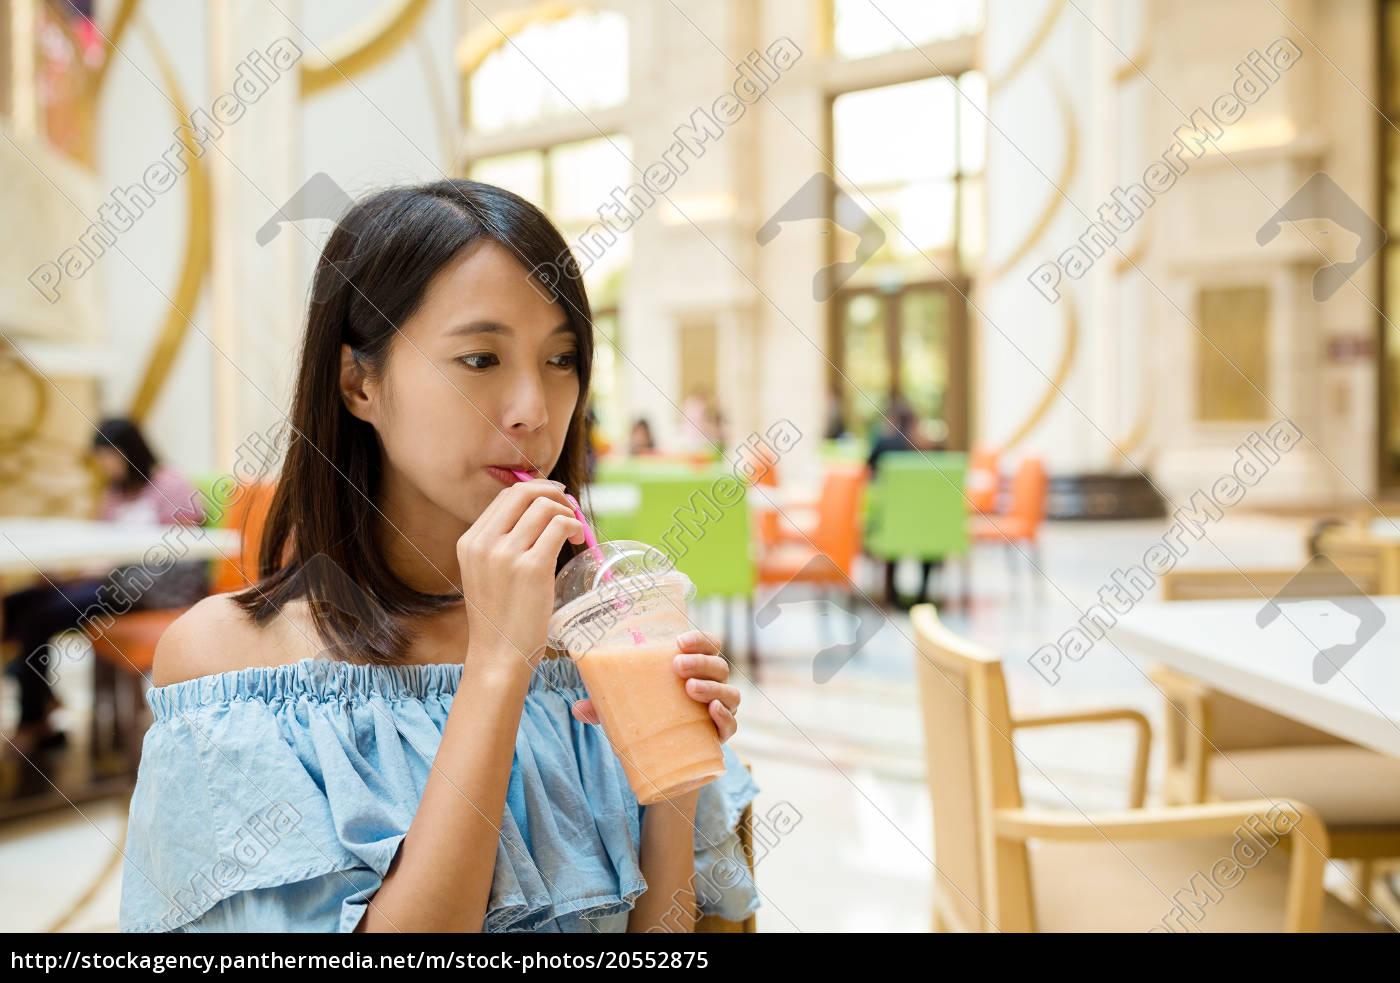 woman, drink, of, juice, in, restaurant - 20552875